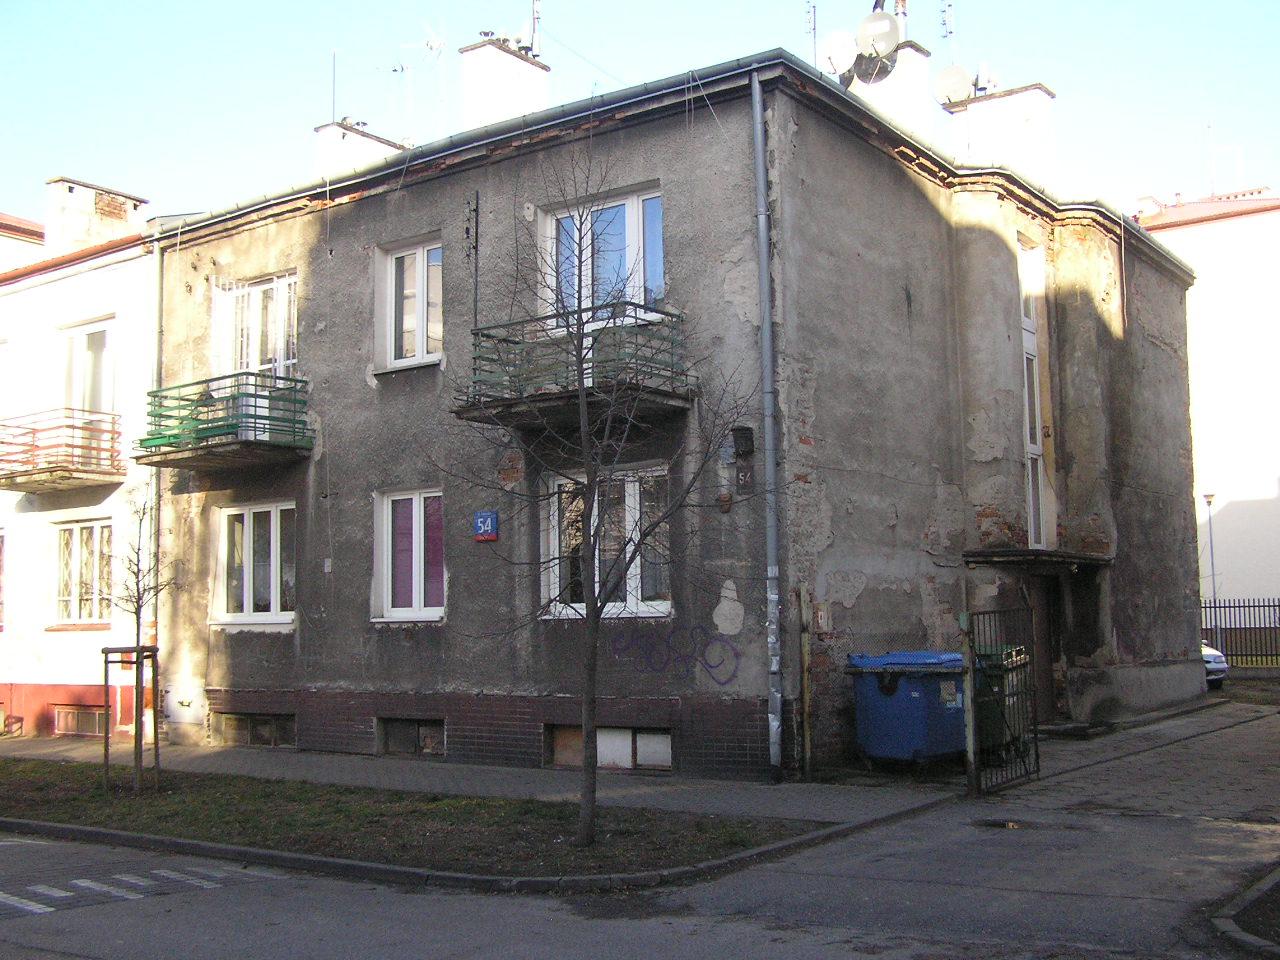 Osowska 54